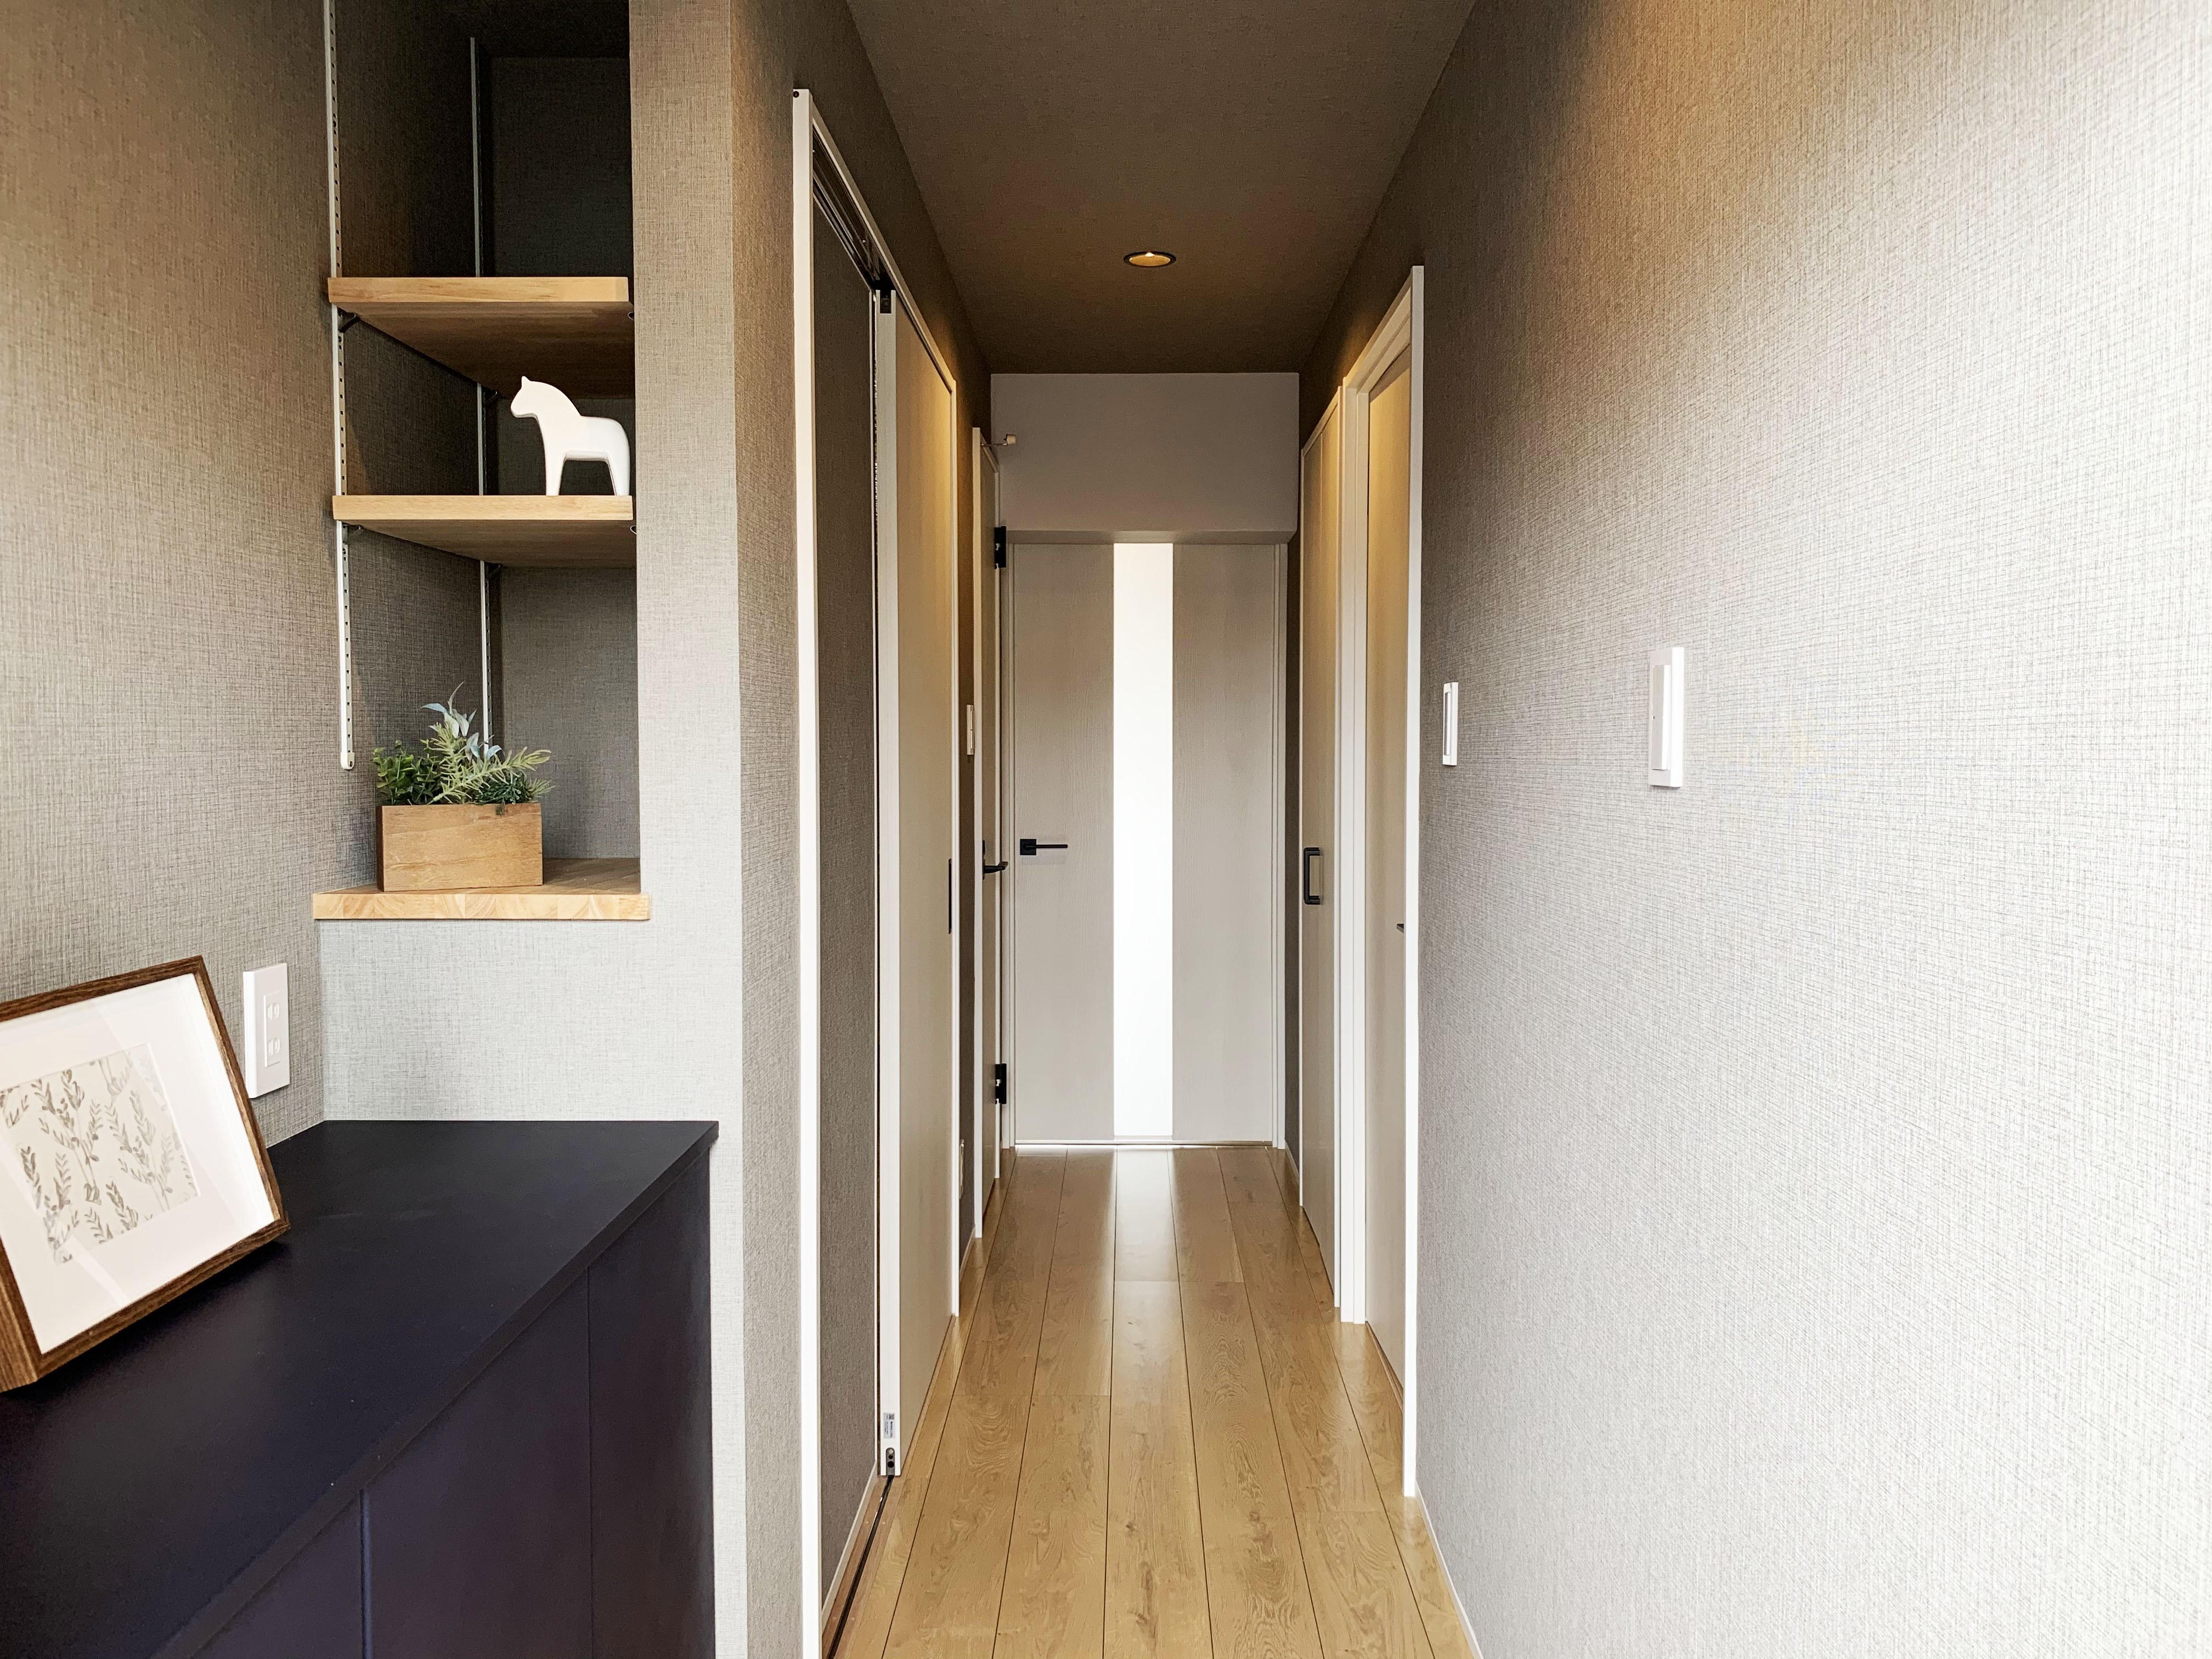 玄関事例:玄関から廊下(素材の質感を楽しむリノベーション)